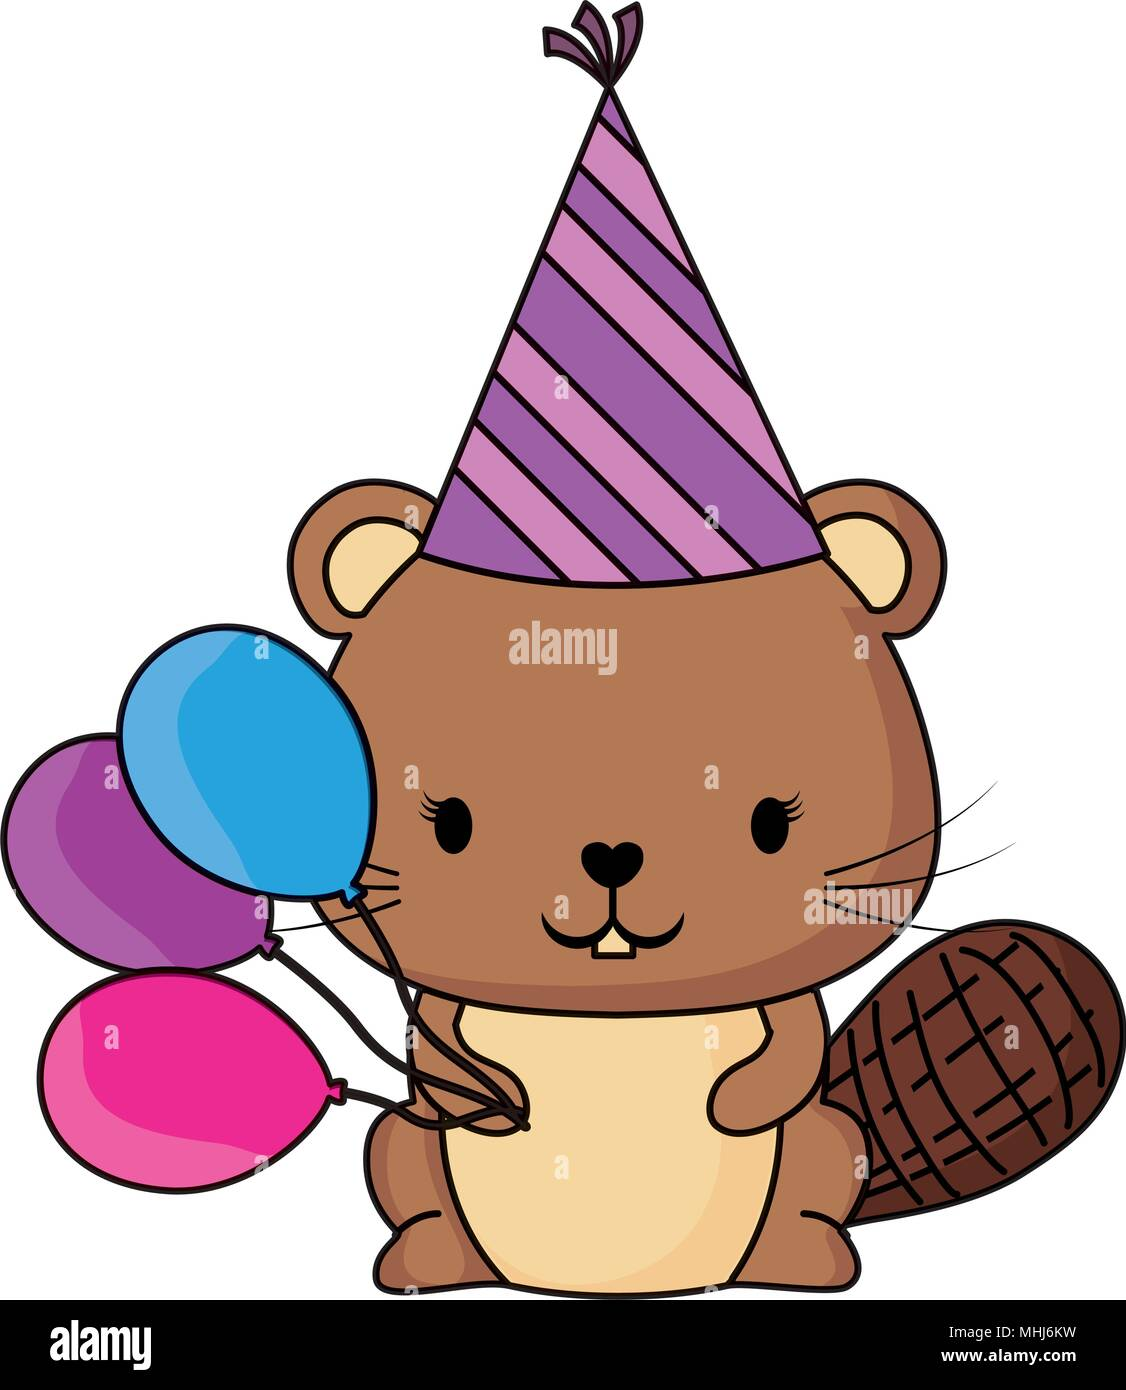 Happy Birthday Design Mit Niedlichen Biber Dem Geburtstag Hat Und Luftballons Weissem Hintergrund Farbenfrohen Vector Illustration